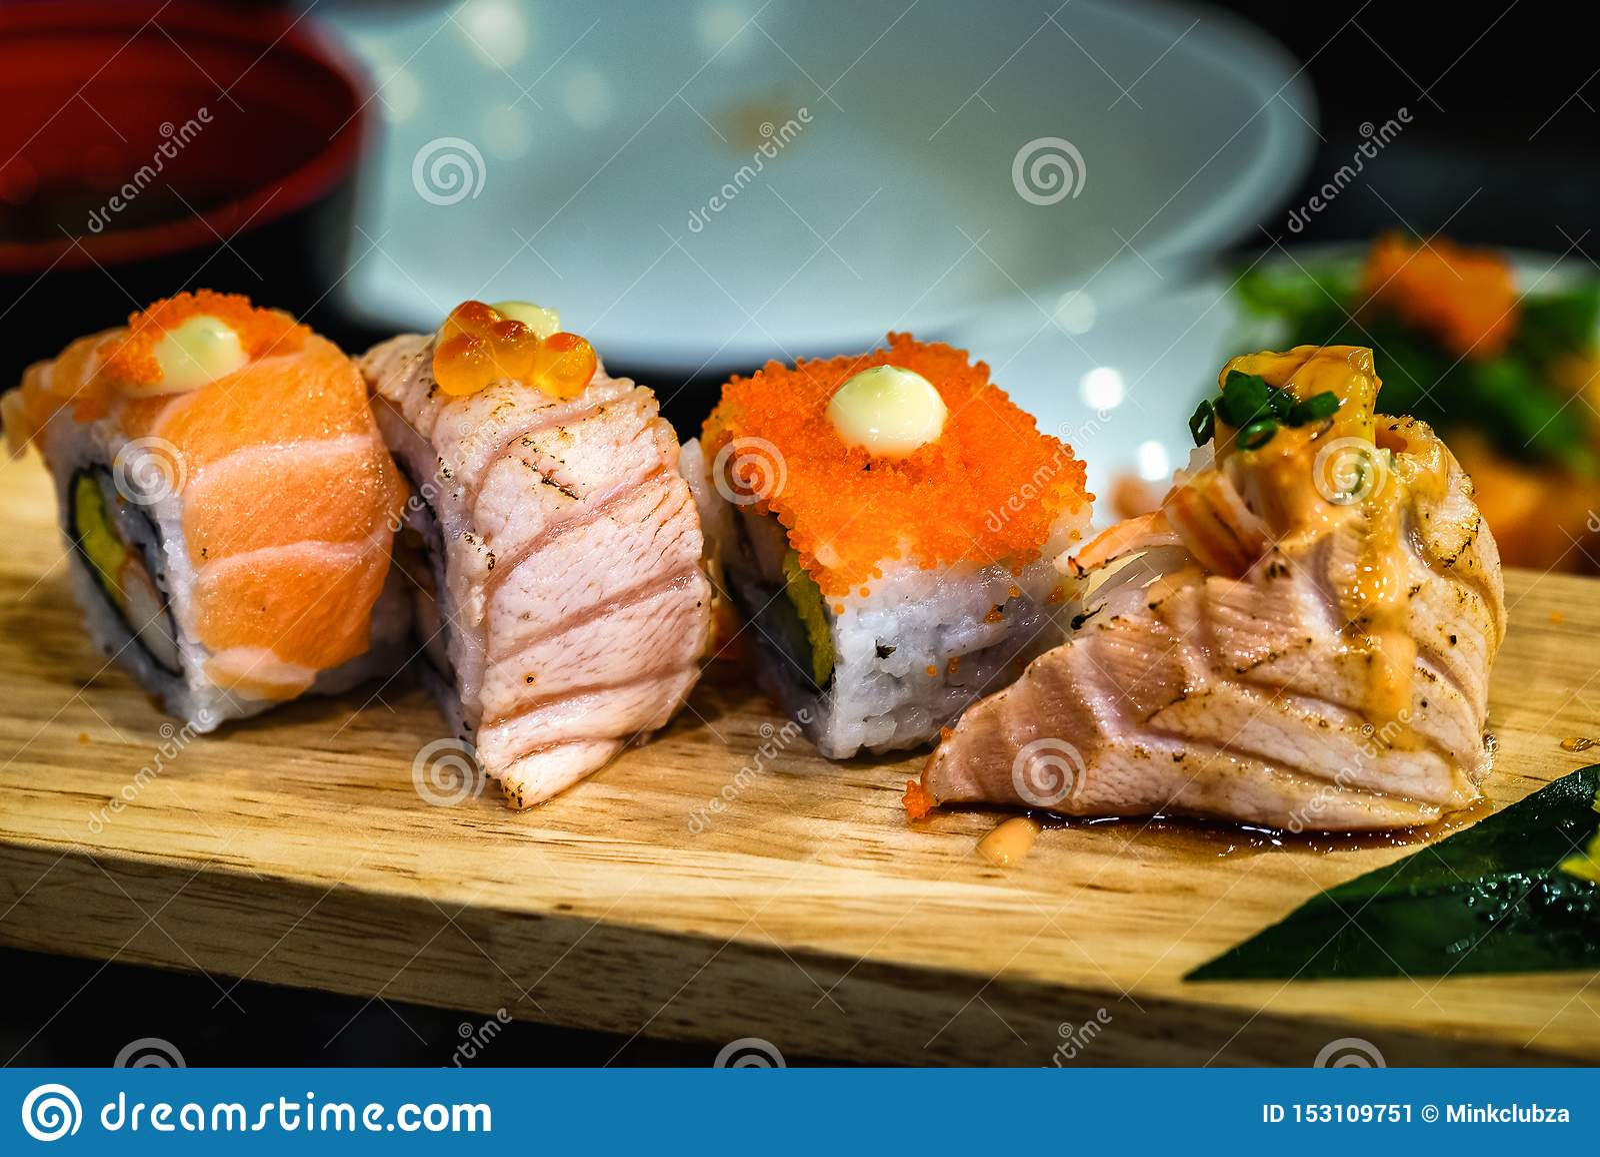 Japanische Nahrung der Sushi auf einer hölzernen Platte für Gesundheit